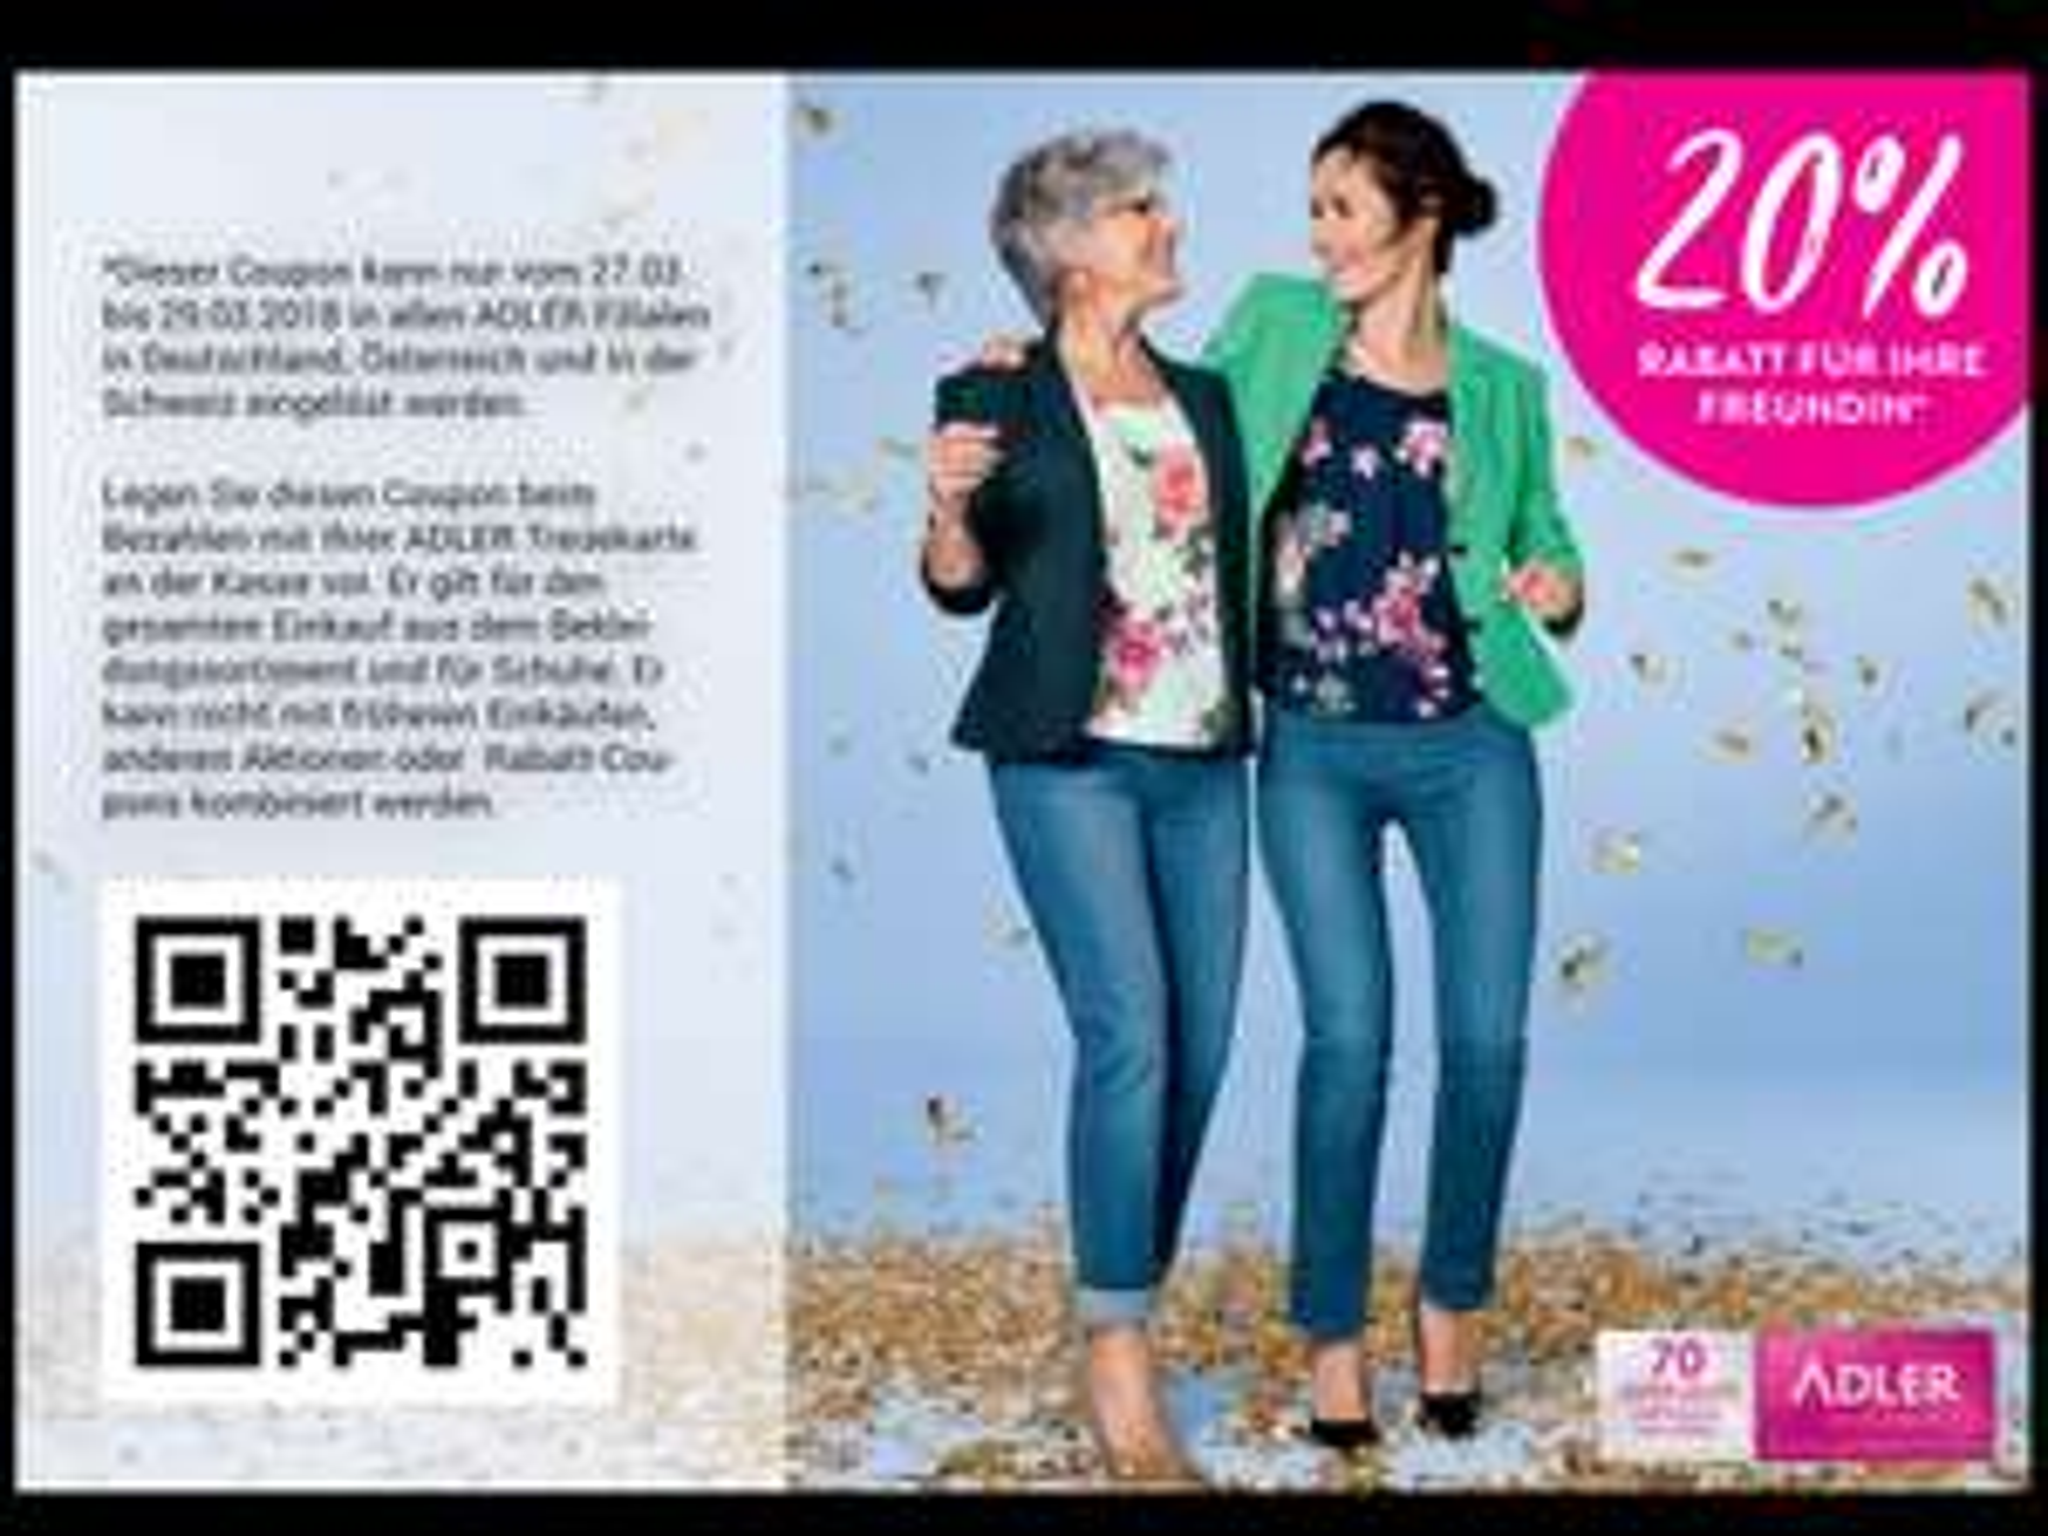 Adler Mode - 20% (online nochmal - 5% Shoop) für den gesamten Einkauf auf Bekleidung und Schuhe nur vom 27. - 29.03.18